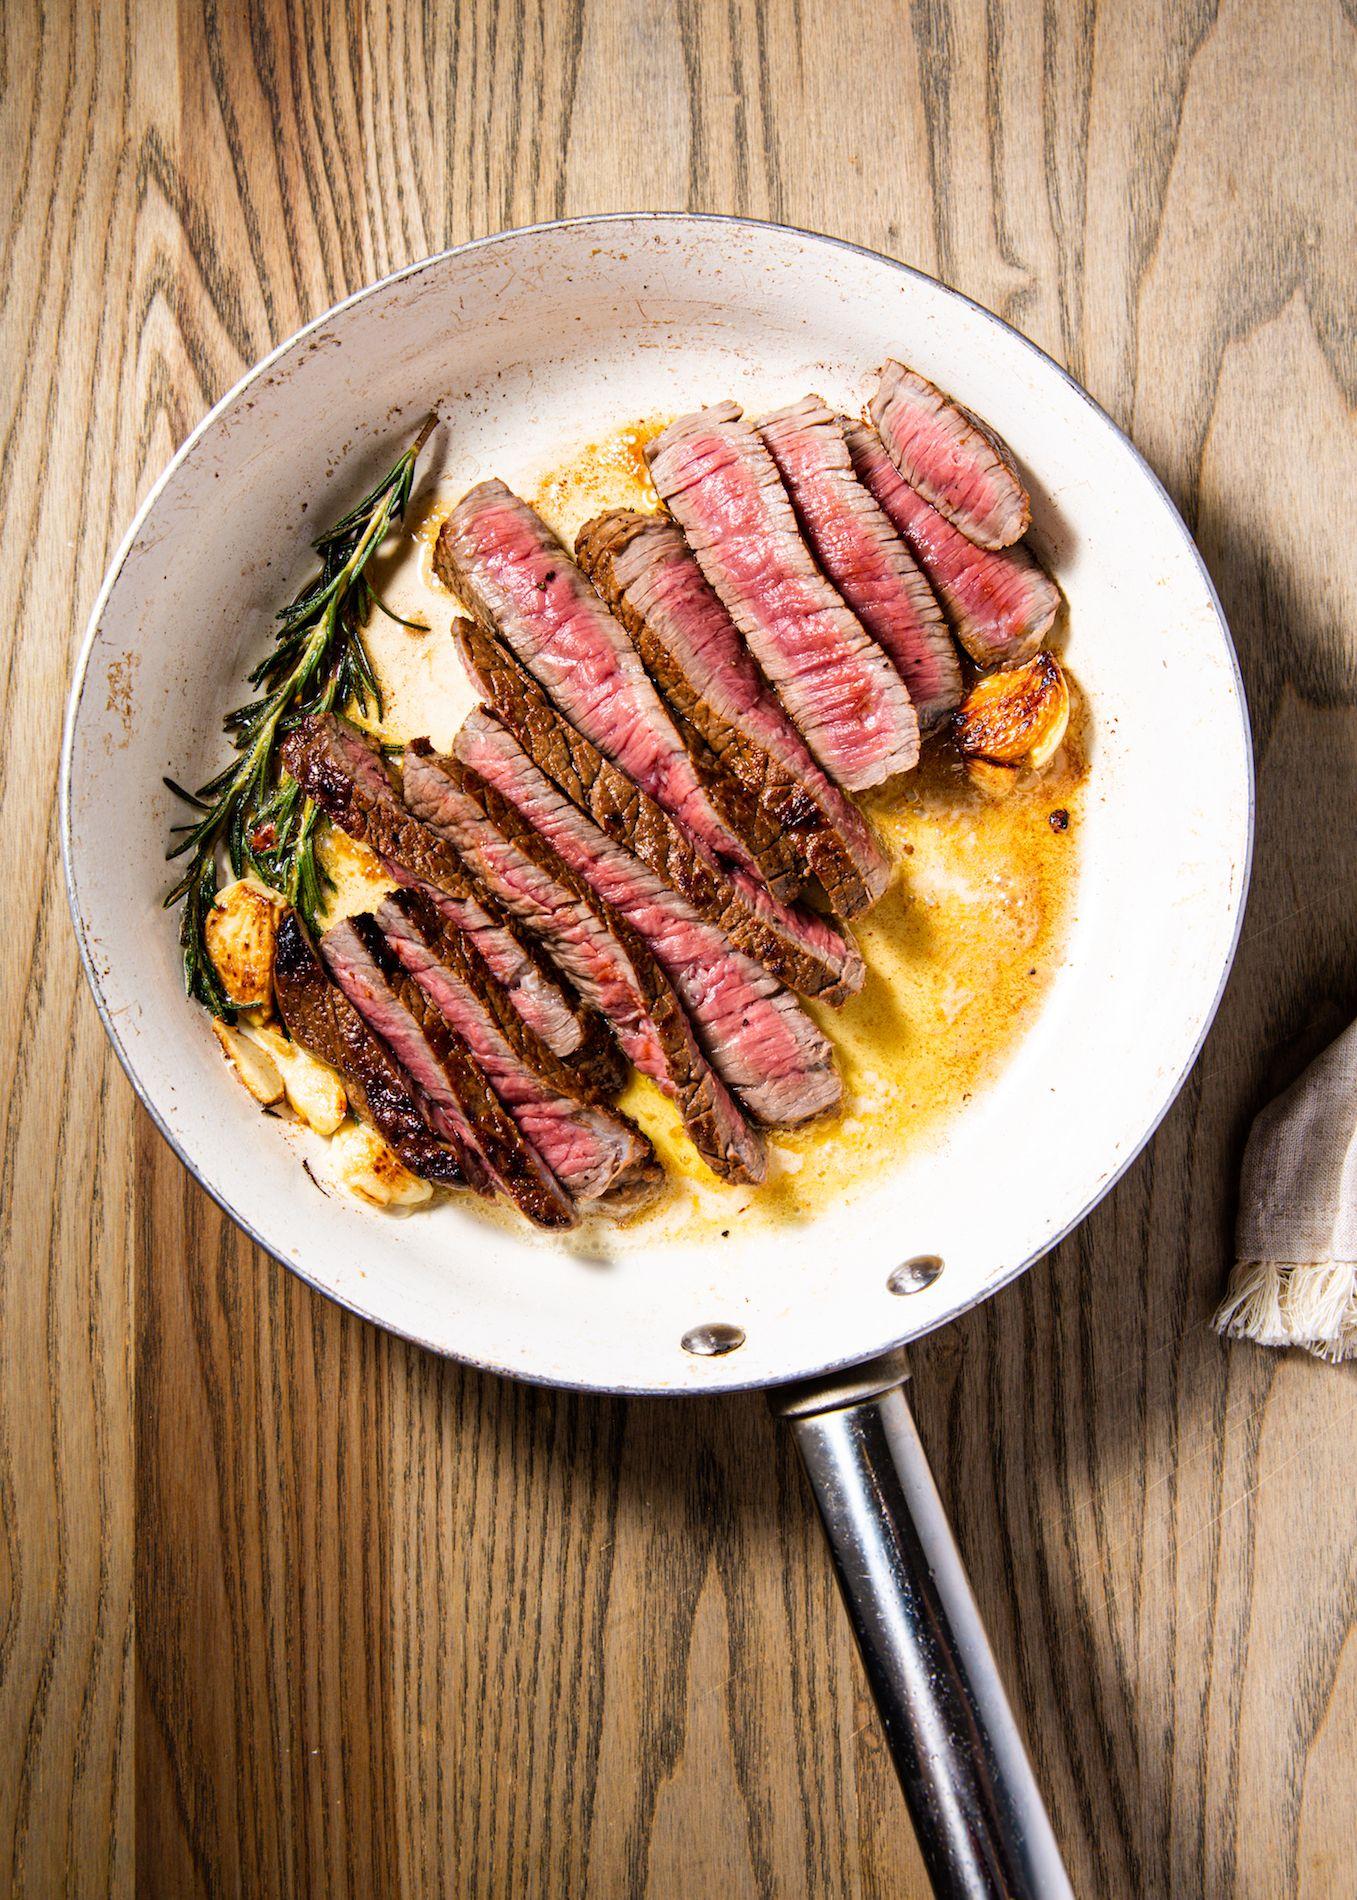 Seared Round Steak